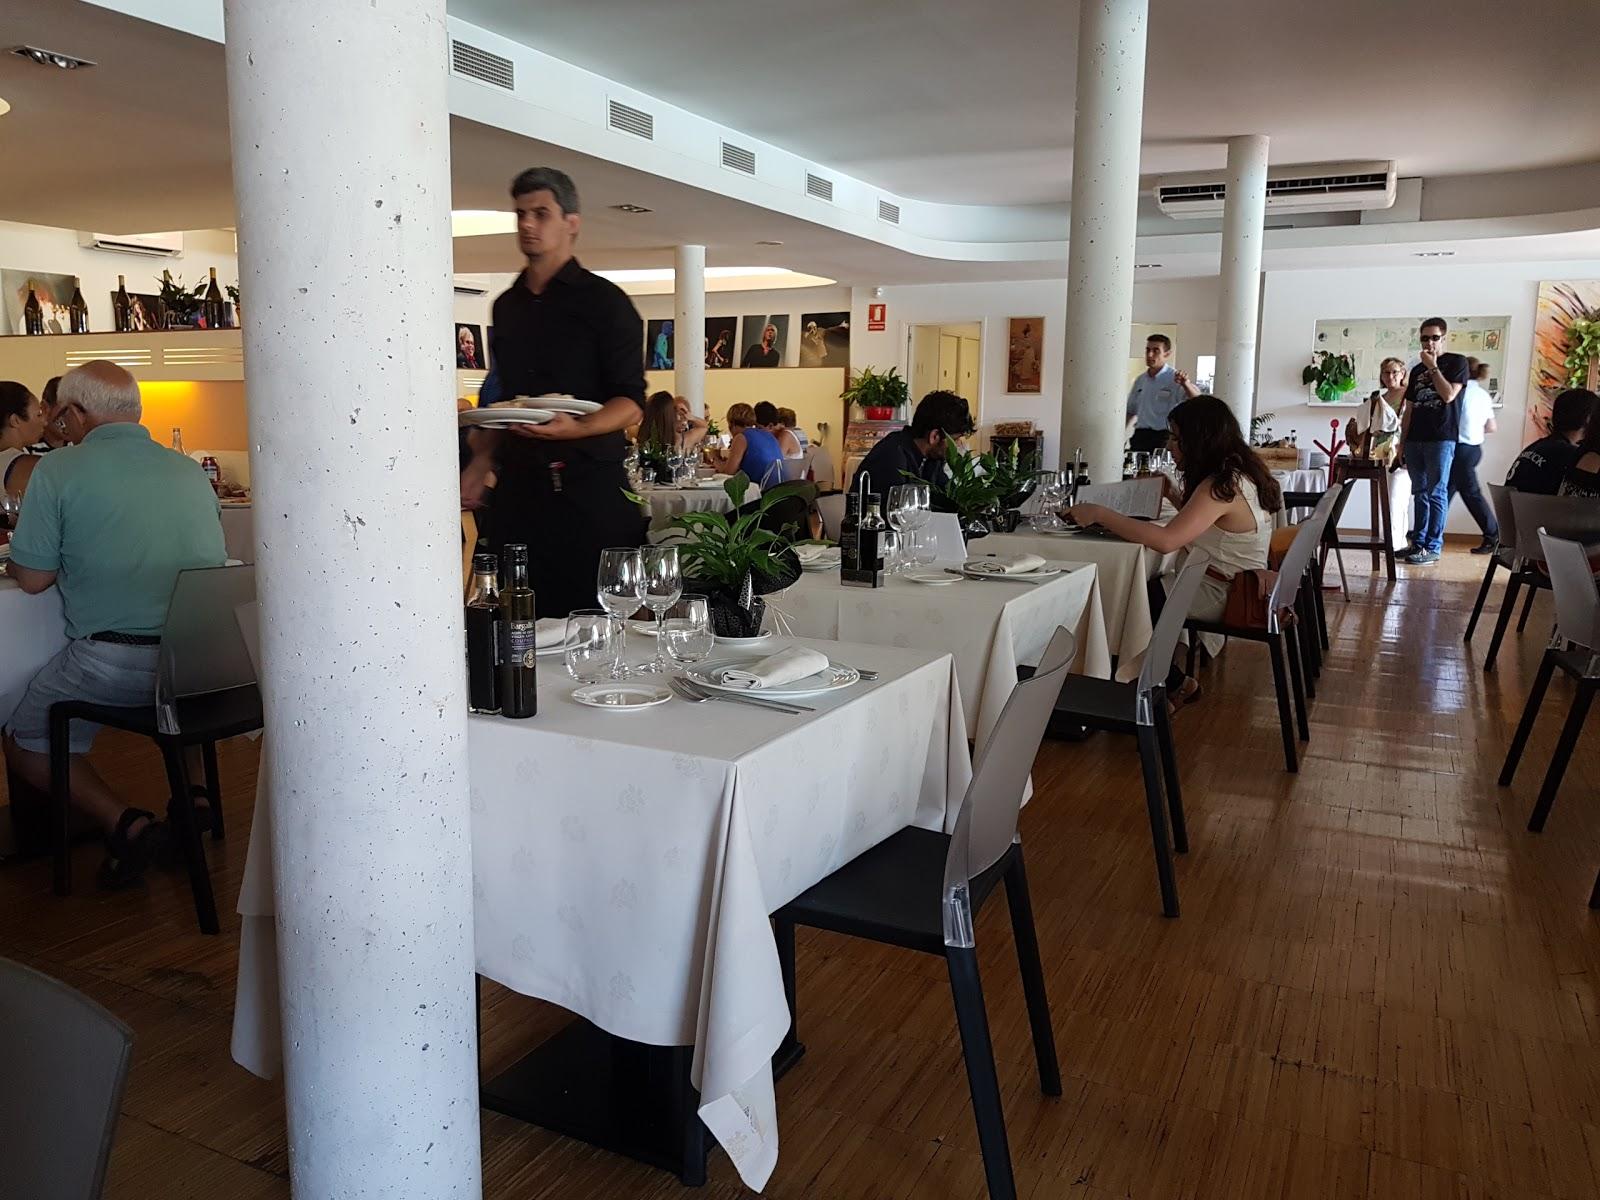 Aqqua Restaurant